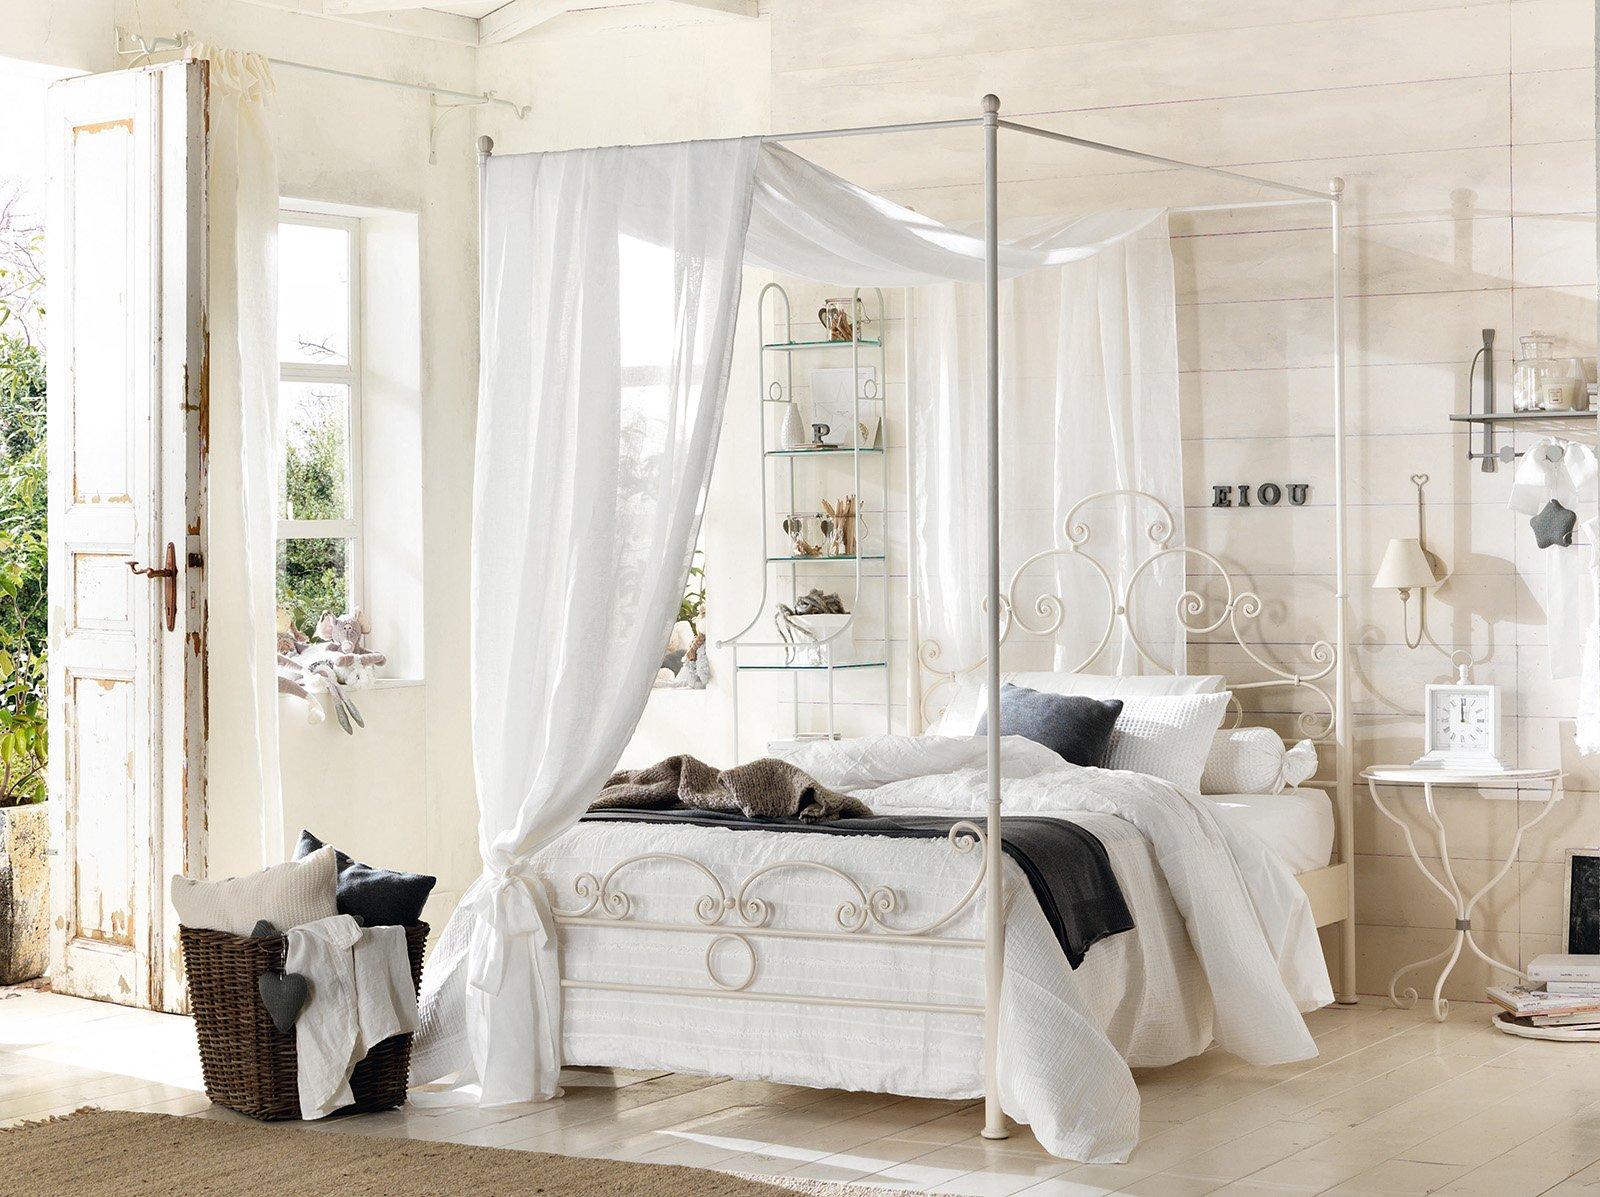 Camere Letto Stile Francese : Camere letto stile francese. Camere ...